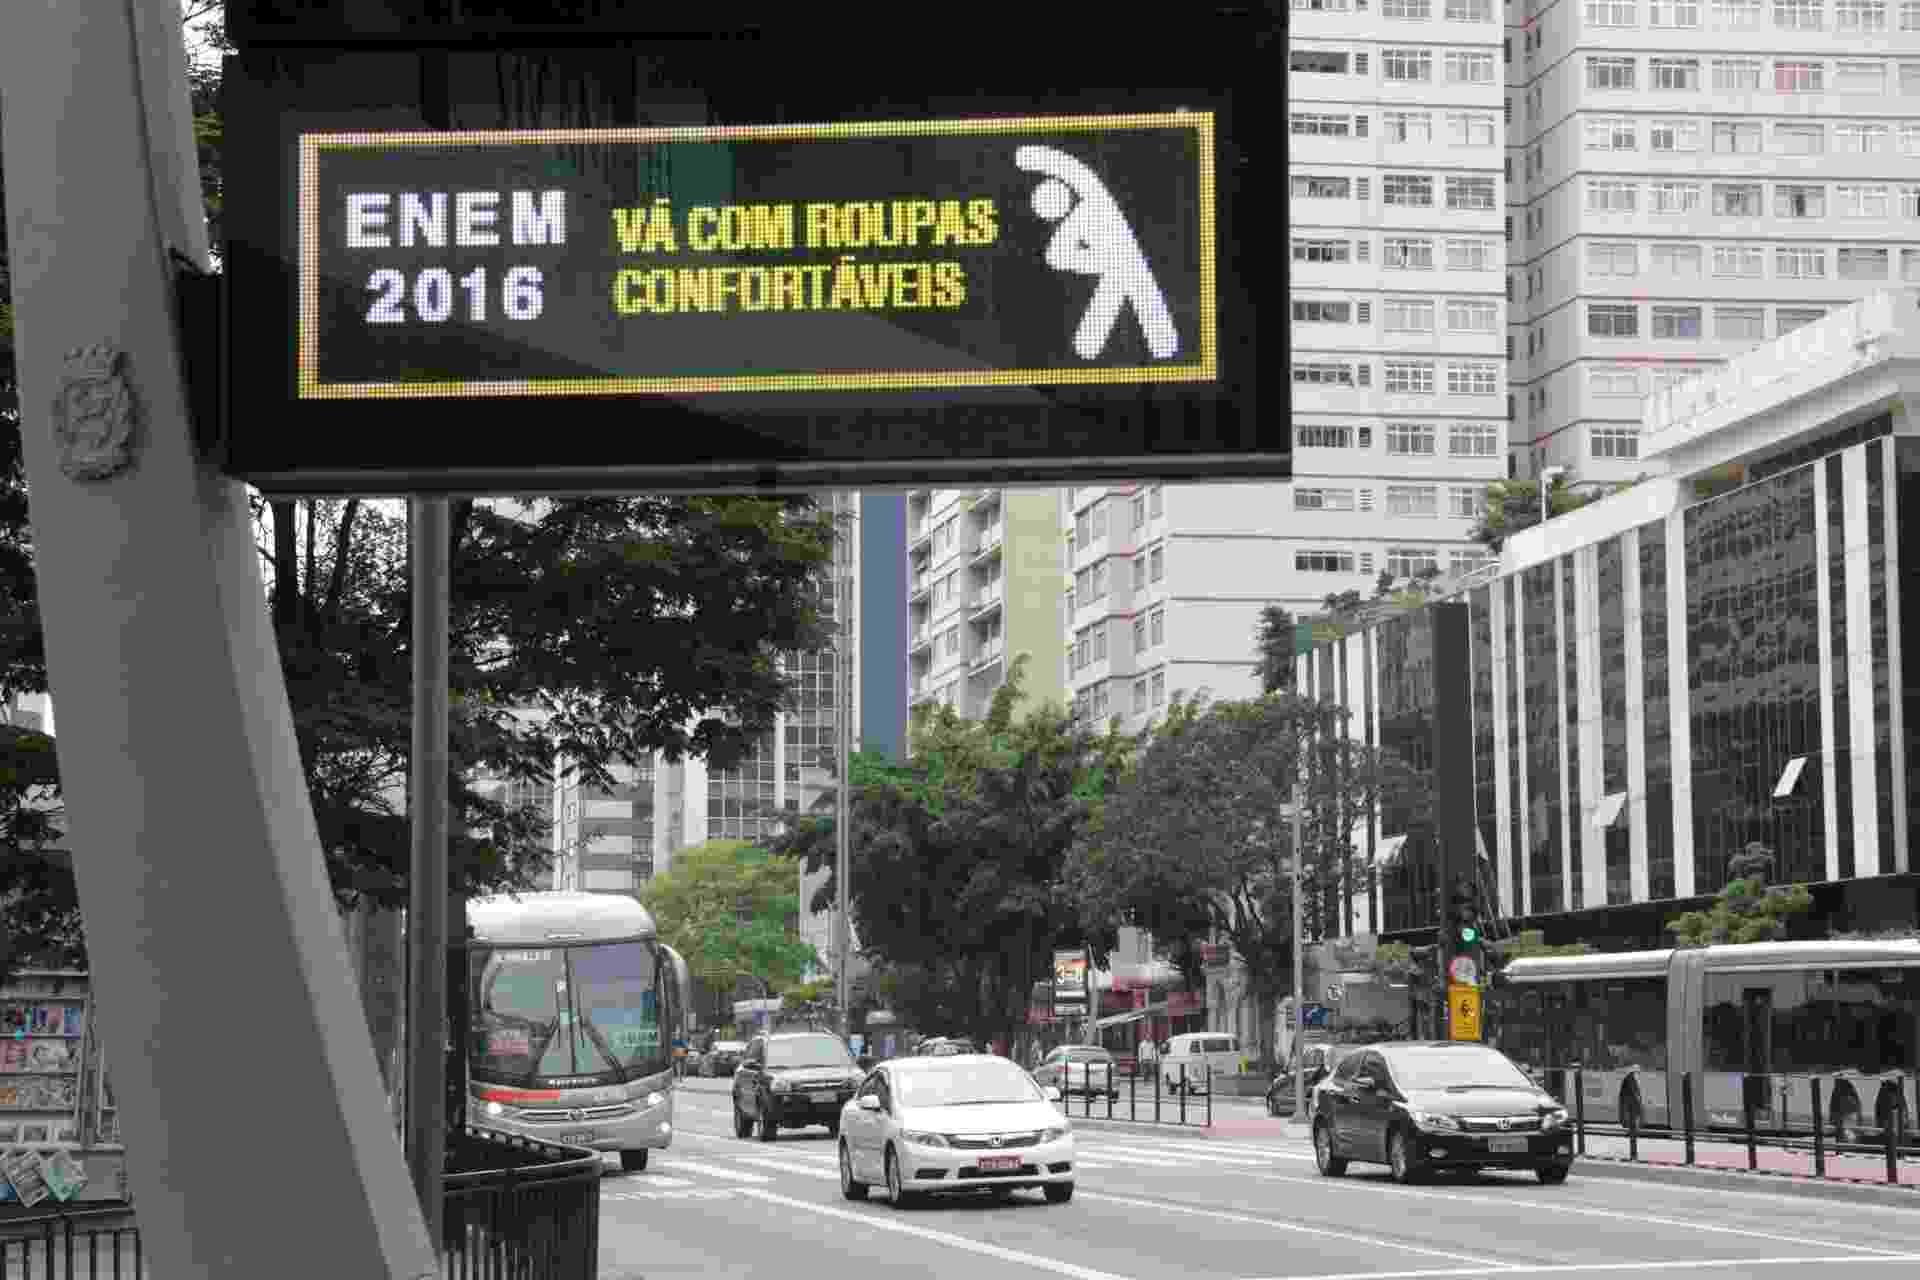 5.nov.2016 - Relógios da avenida Paulista em São Paulo enviam recado para estudantes que vão fazer o Enem, recomendando uso de roupas leves - J. Duran Machfee/Futura Press/Estadão Conteúdo